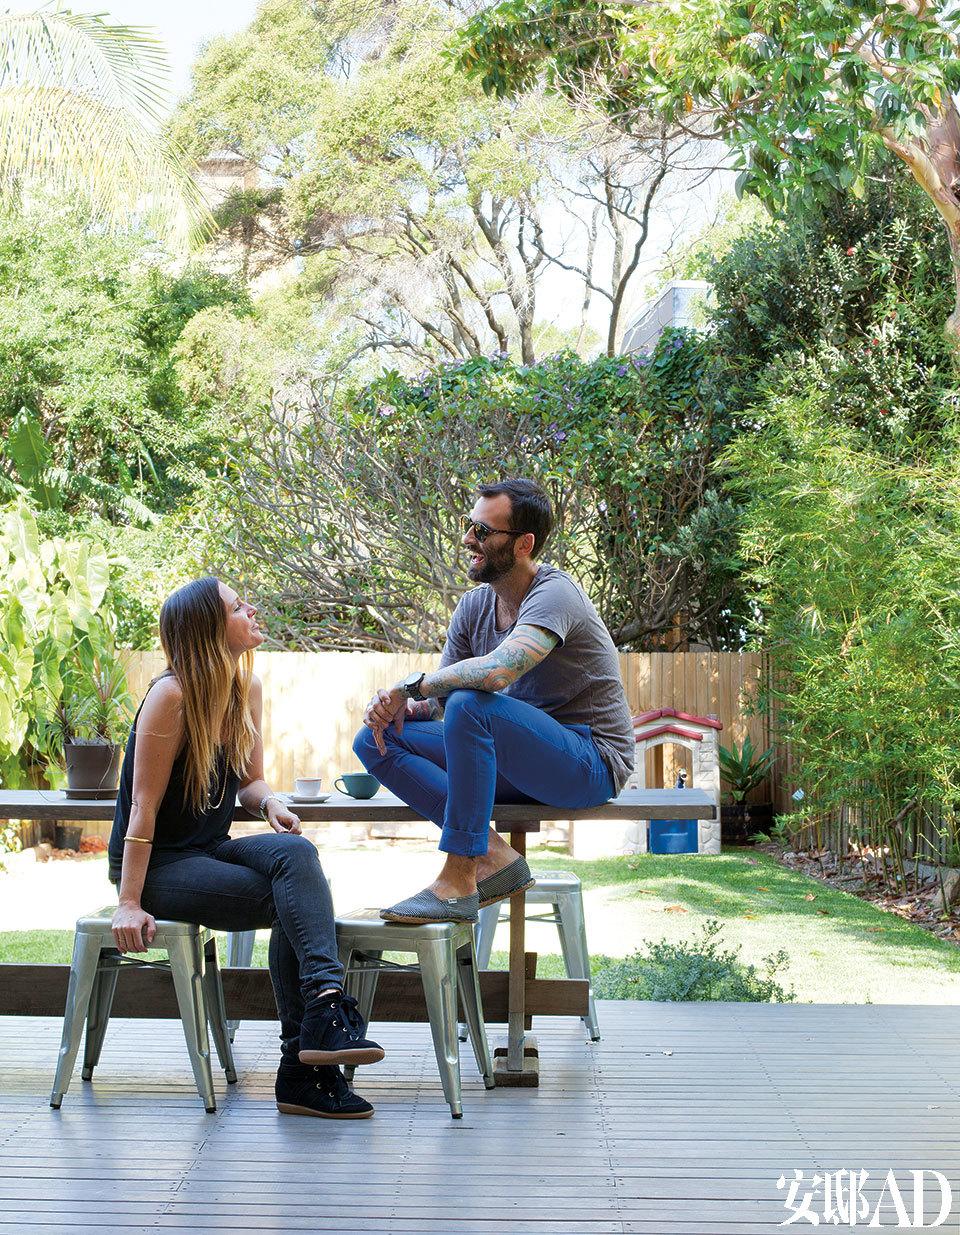 户外椅为Tolix系列产品,后花园是Liesel和Brody最爱的户外空间,也是他们3岁的宝贝女儿Harper的私享游乐园。